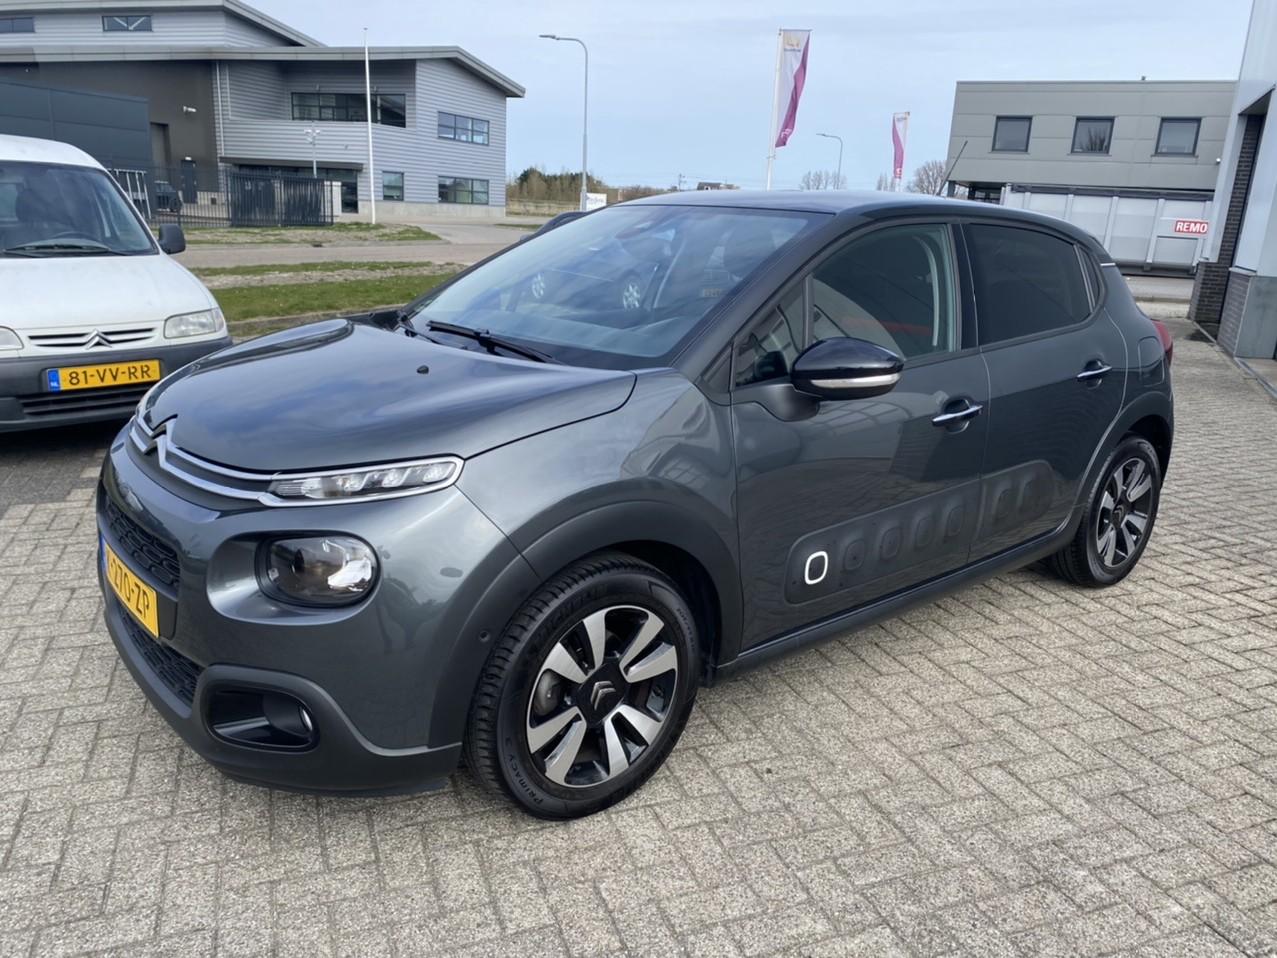 Citroën C3 110 pk automaat shine rijklaar prijs